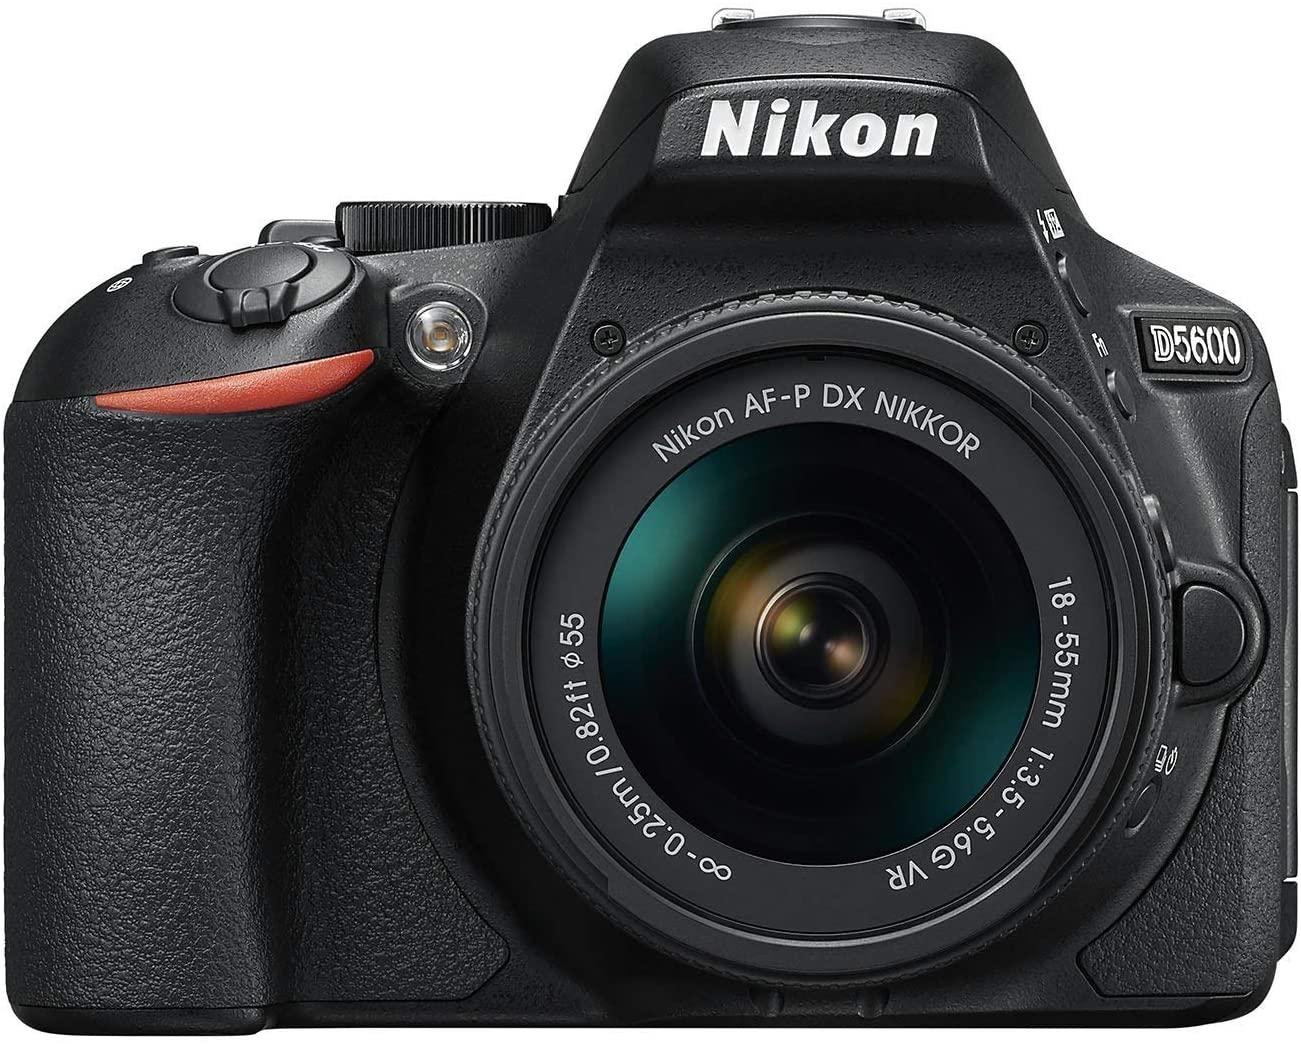 [Amazon] Nikon D5600 Kit AF-P DX 18-55 VR Spiegelreflexkamera um nur 444€ (statt 569€)